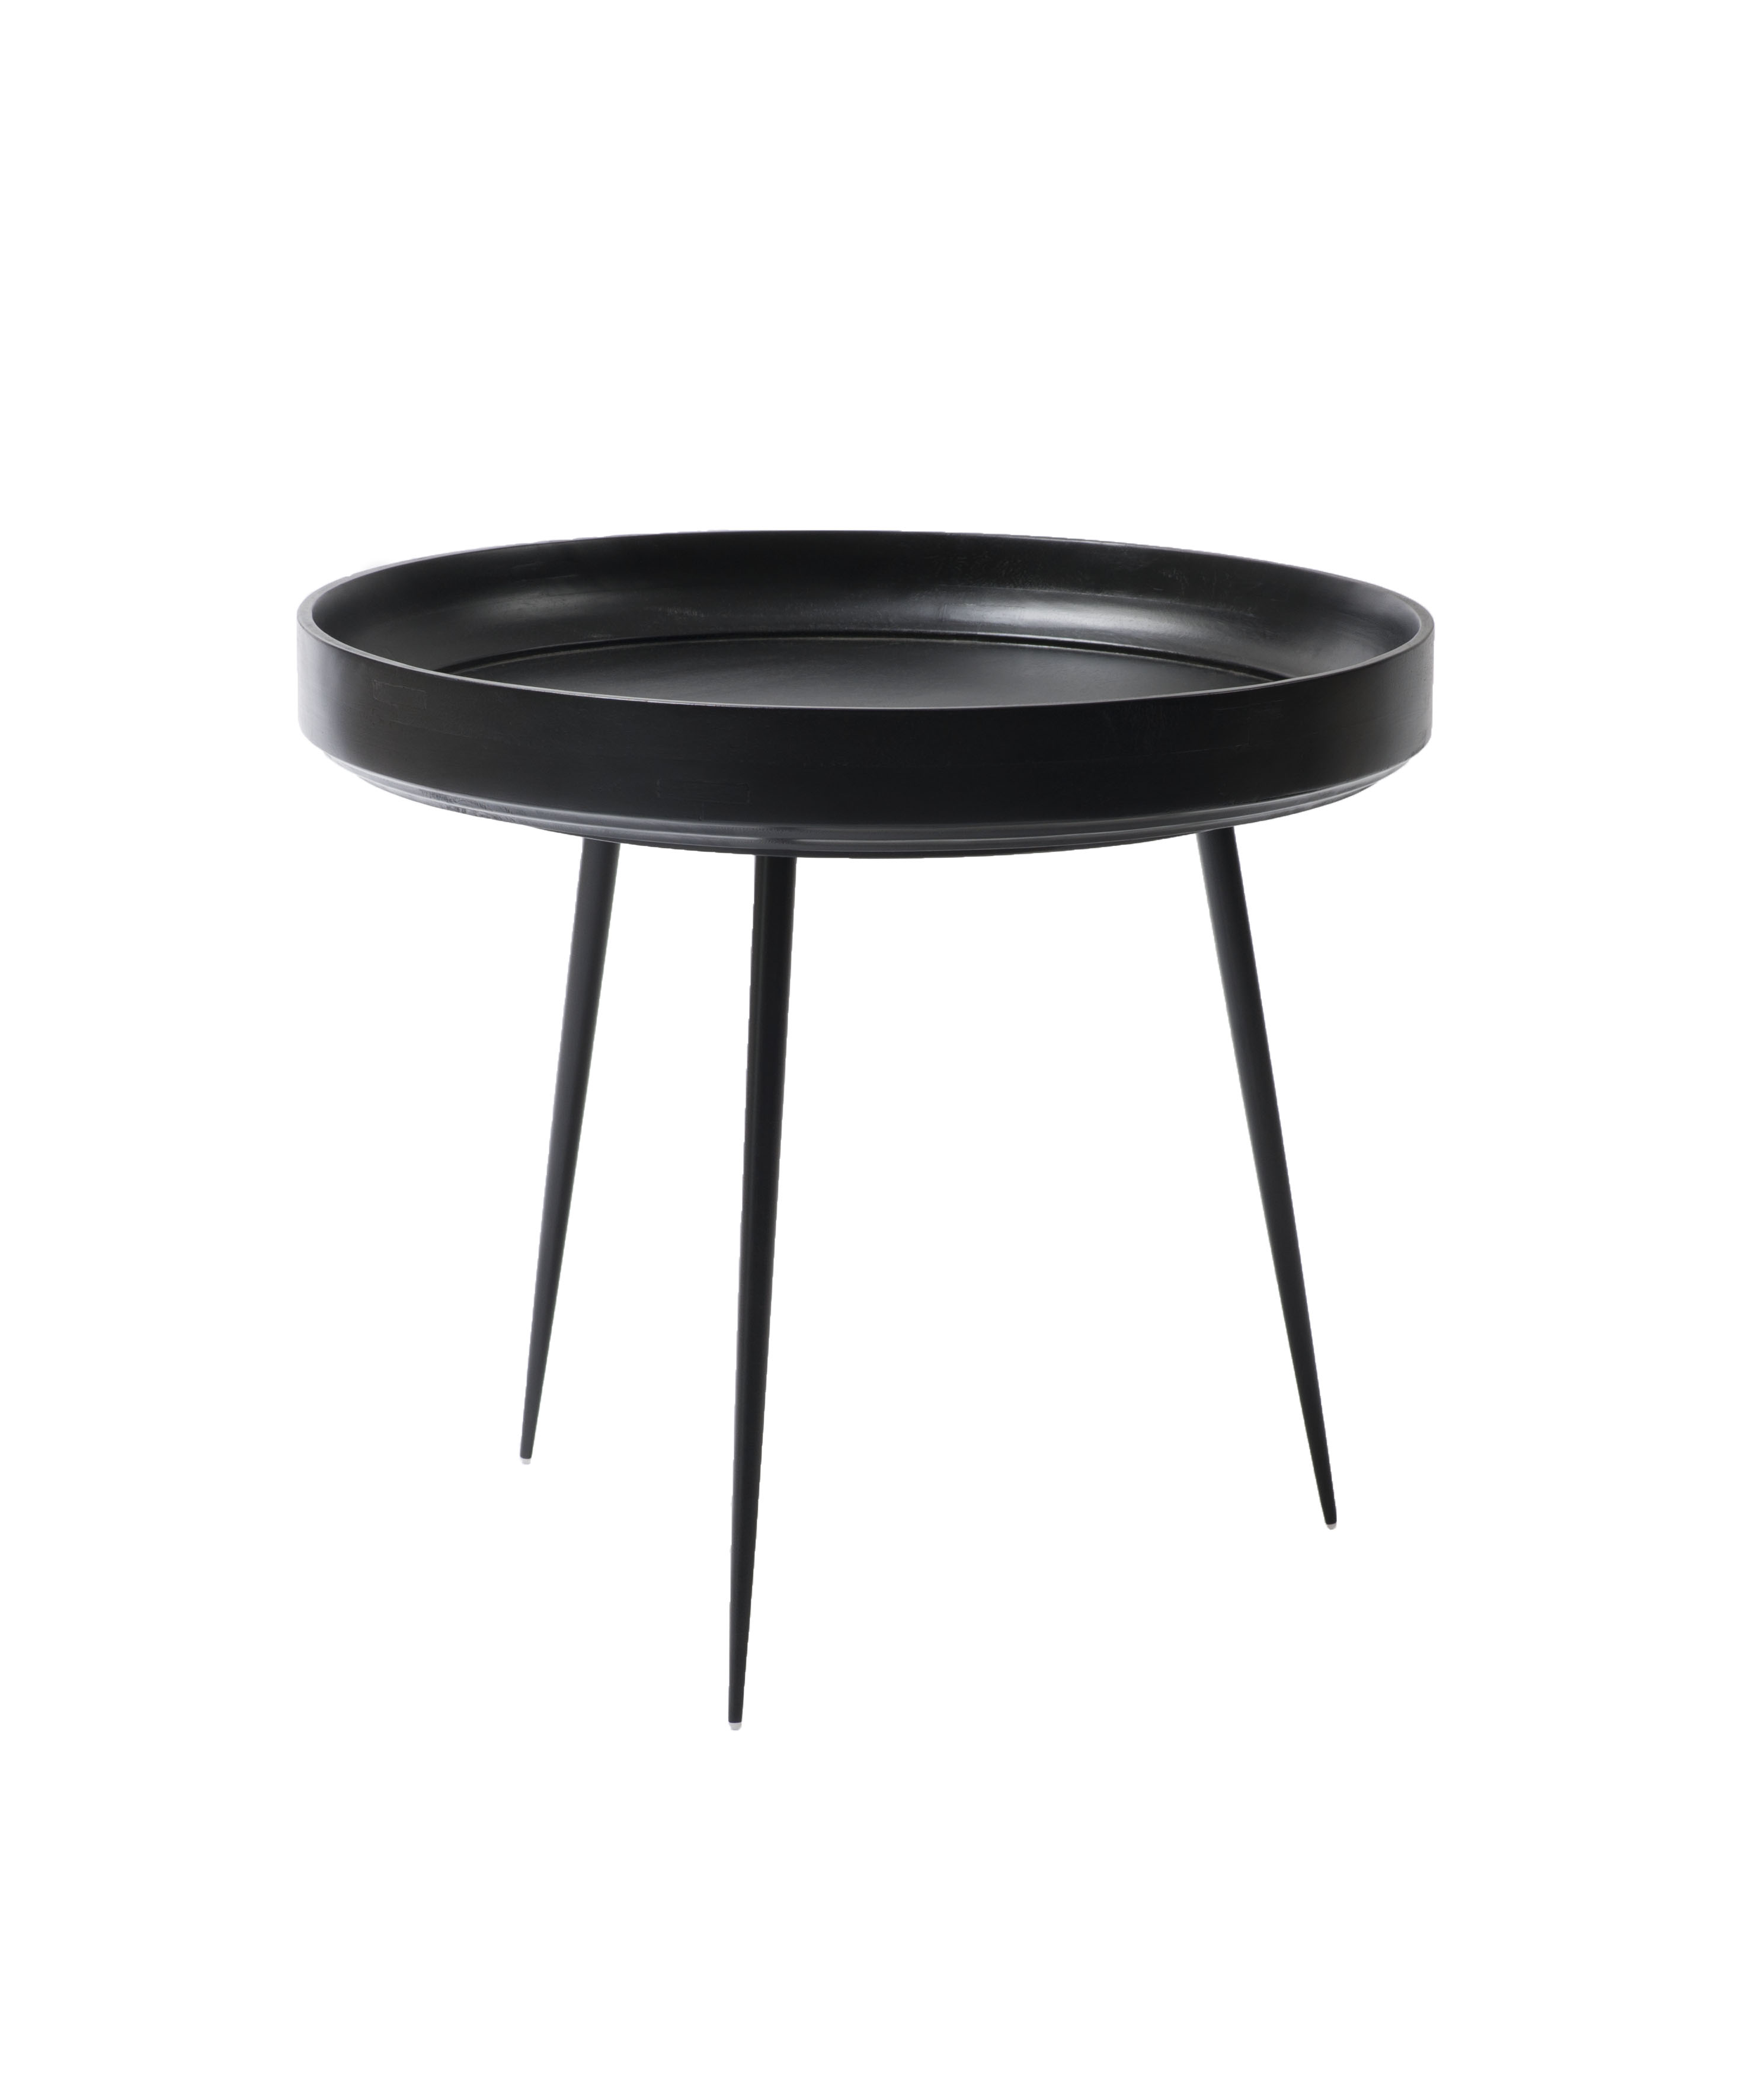 Ronde Salontafel Met Zwarte Poten.Coolliving Nl Mater Design Bowl Ronde Bijzettafel Van Hout L